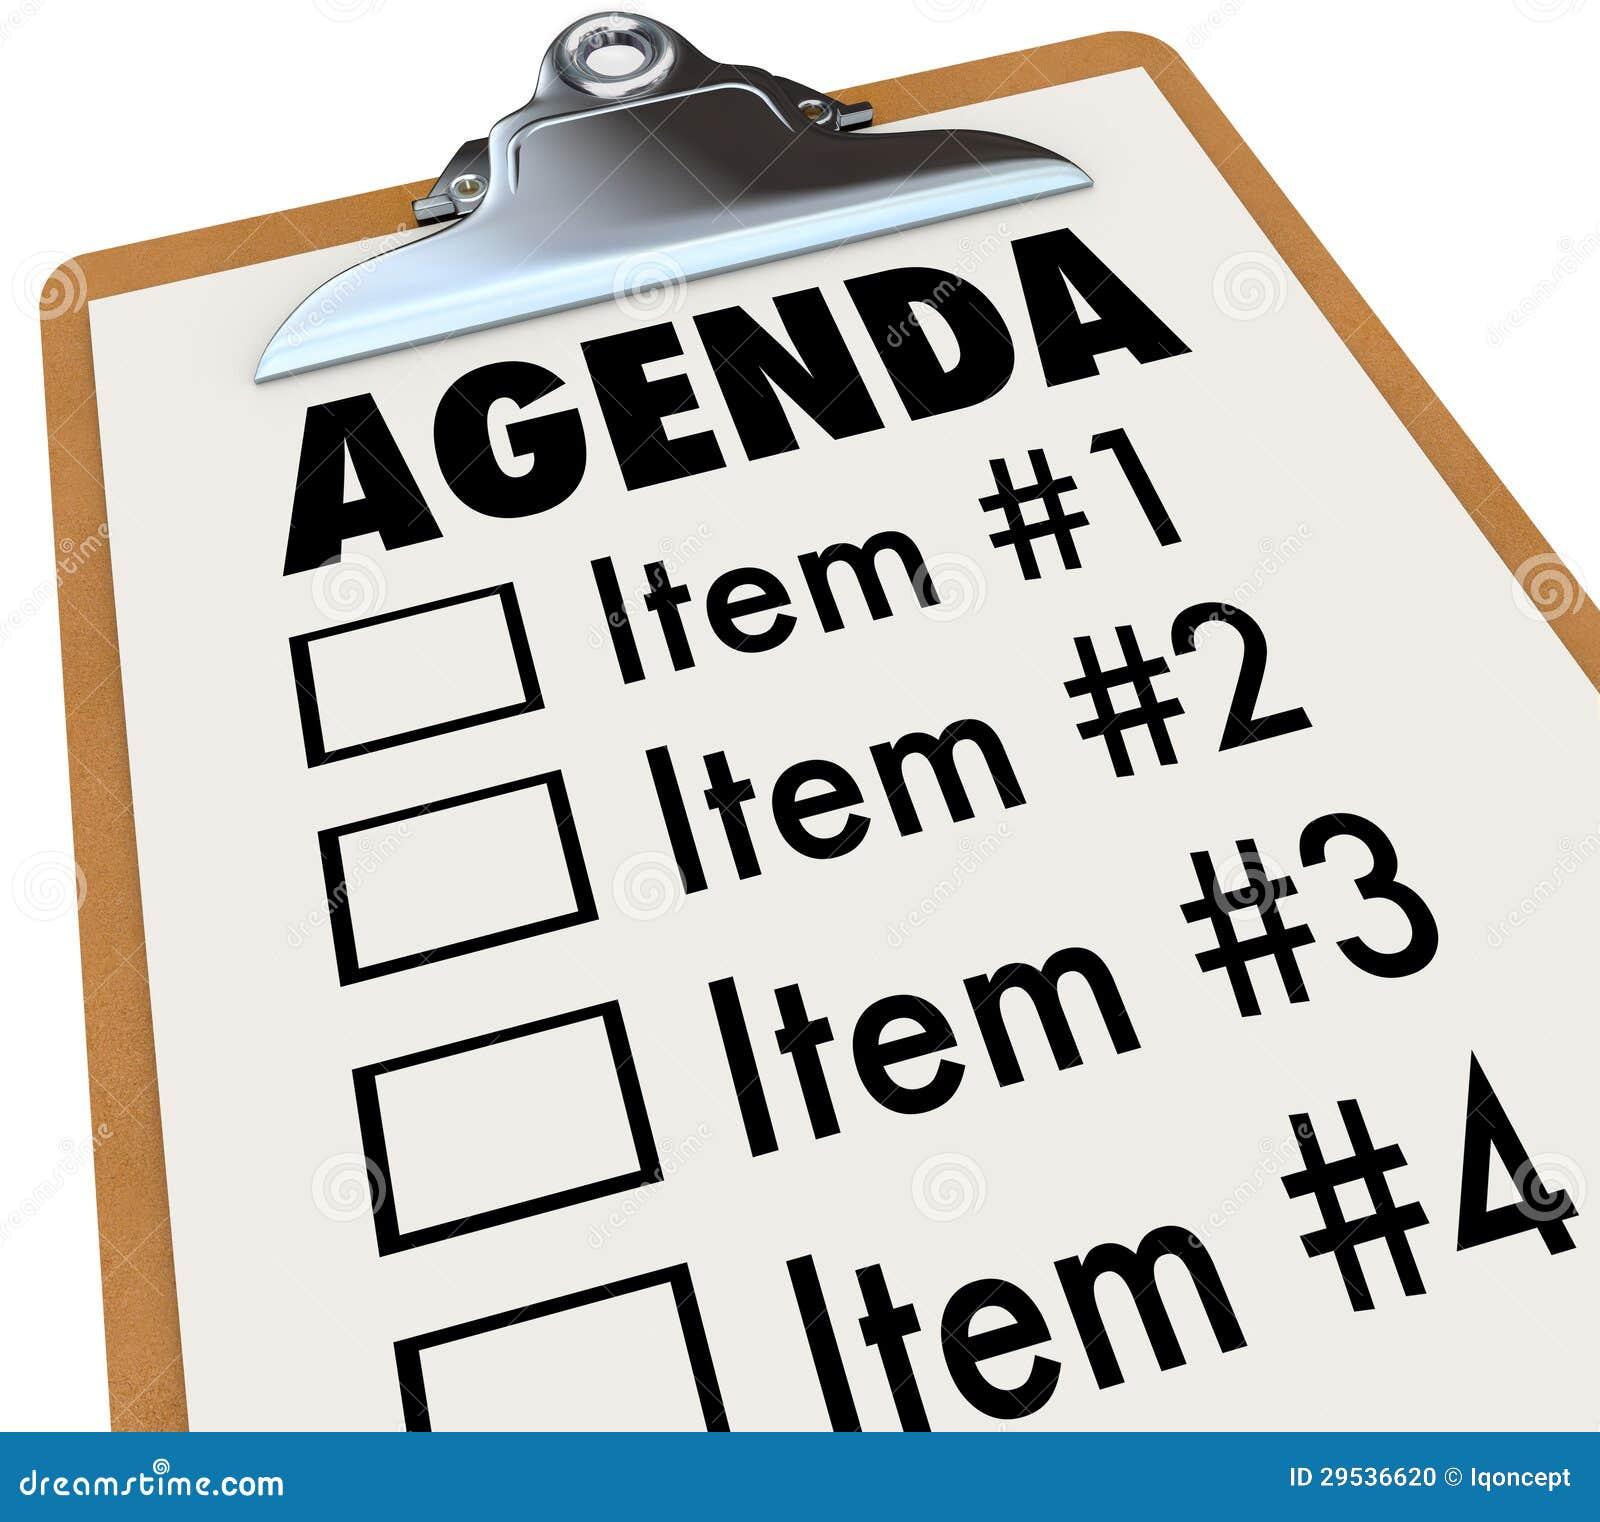 Ordine del giorno sul piano dei appunti per la riunione o for Ordine del giorno camera dei deputati